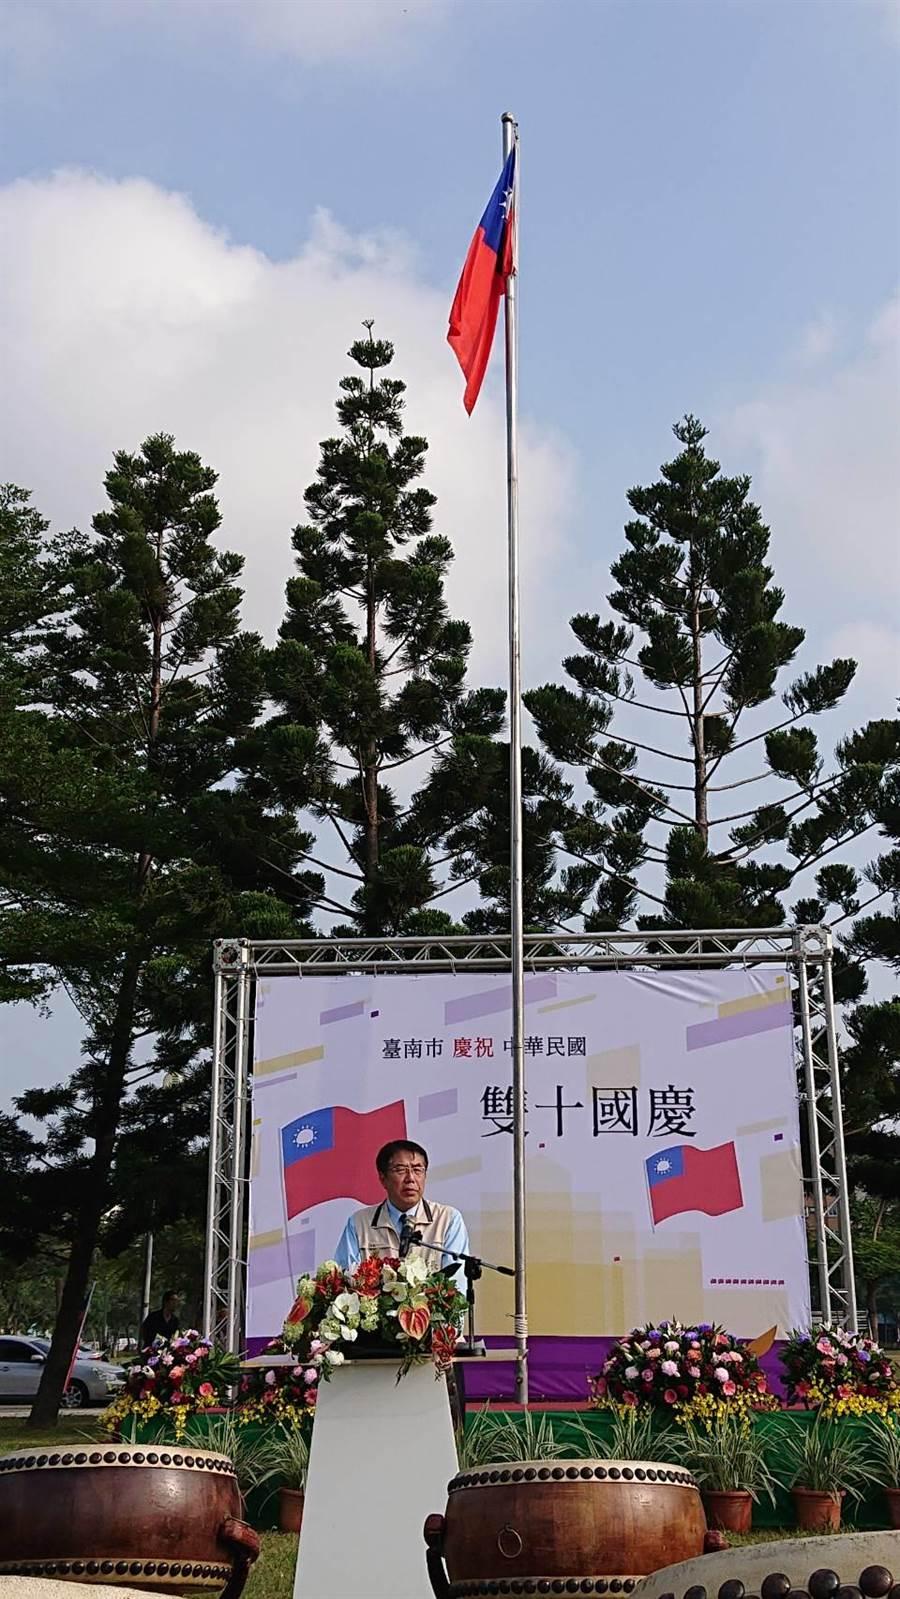 台南市長黃偉哲10日參加國慶升旗典禮。(程炳璋攝)